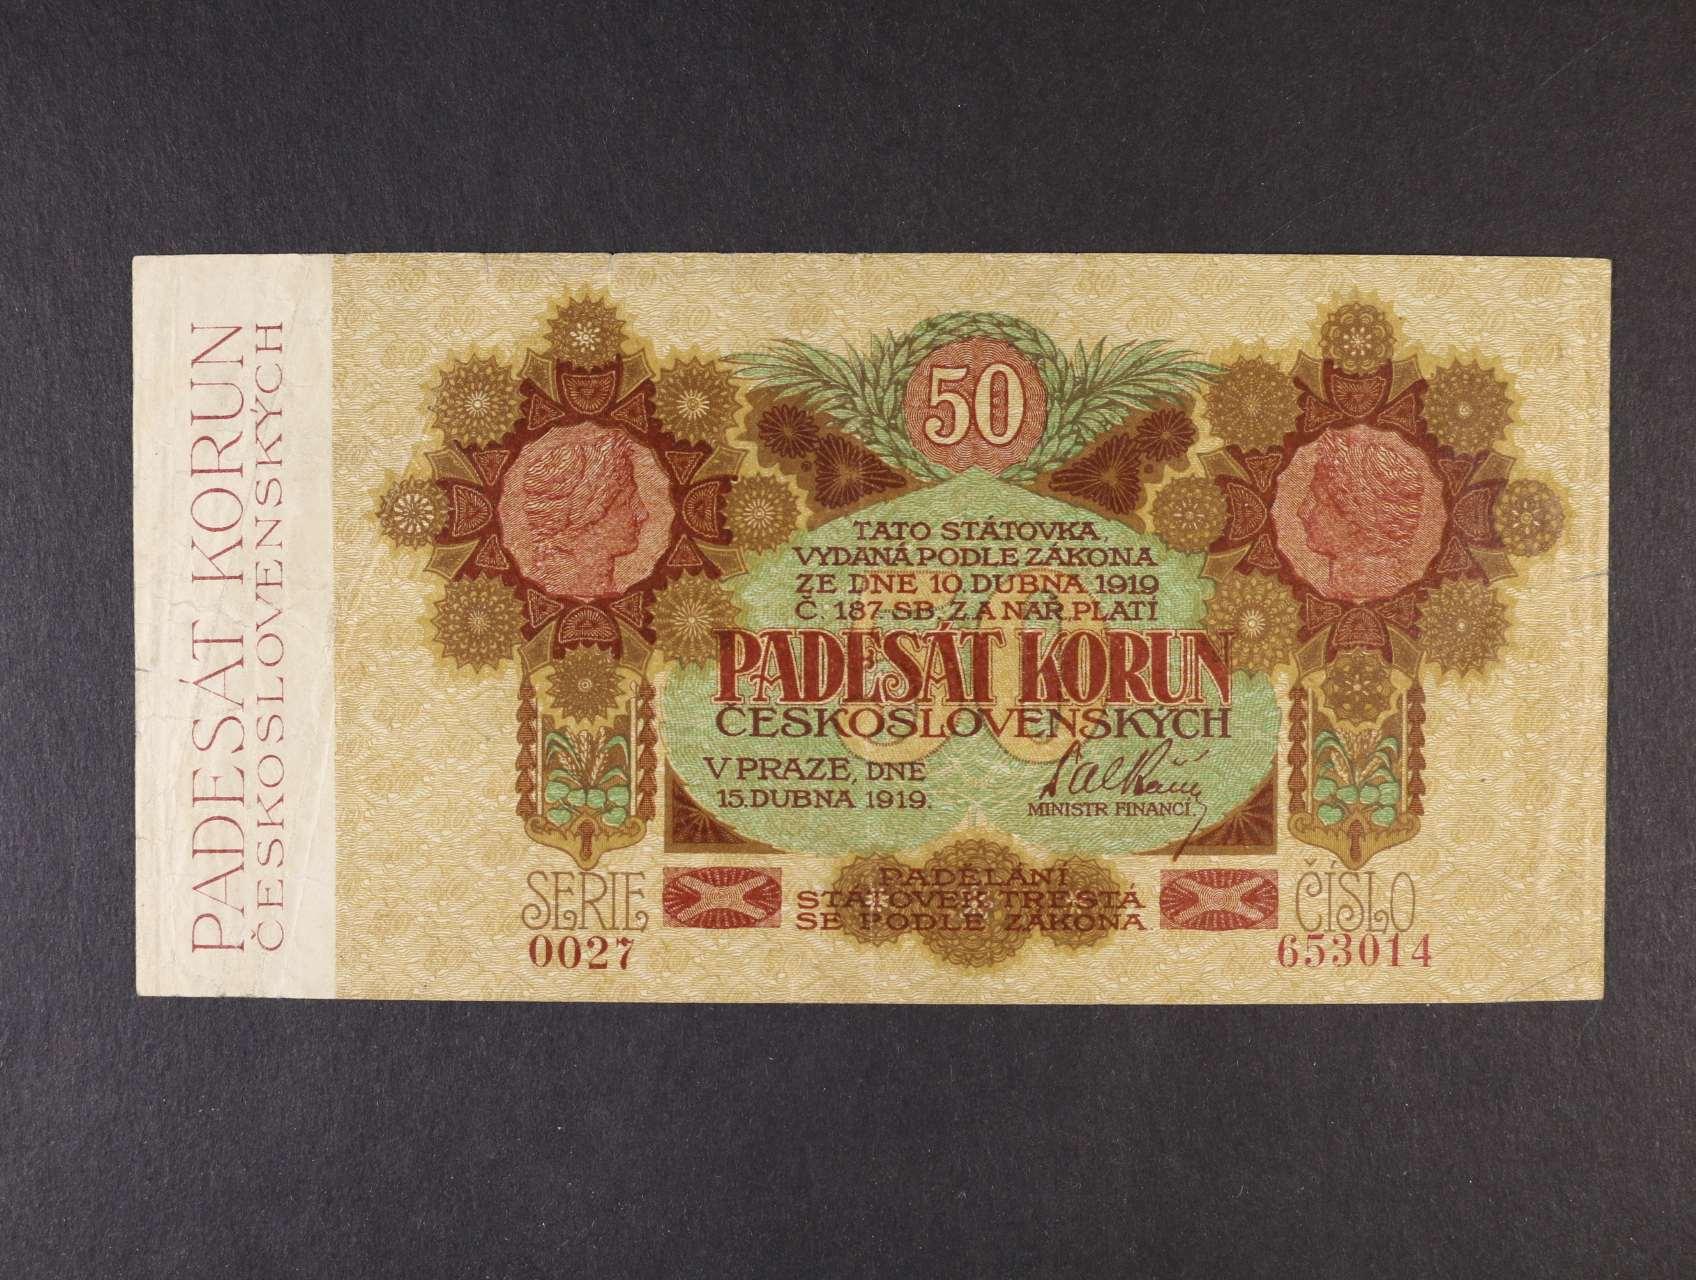 50 Kč 15.4.1919 série 0027 úzké číslice, Ba. 11a, Pi. 10a